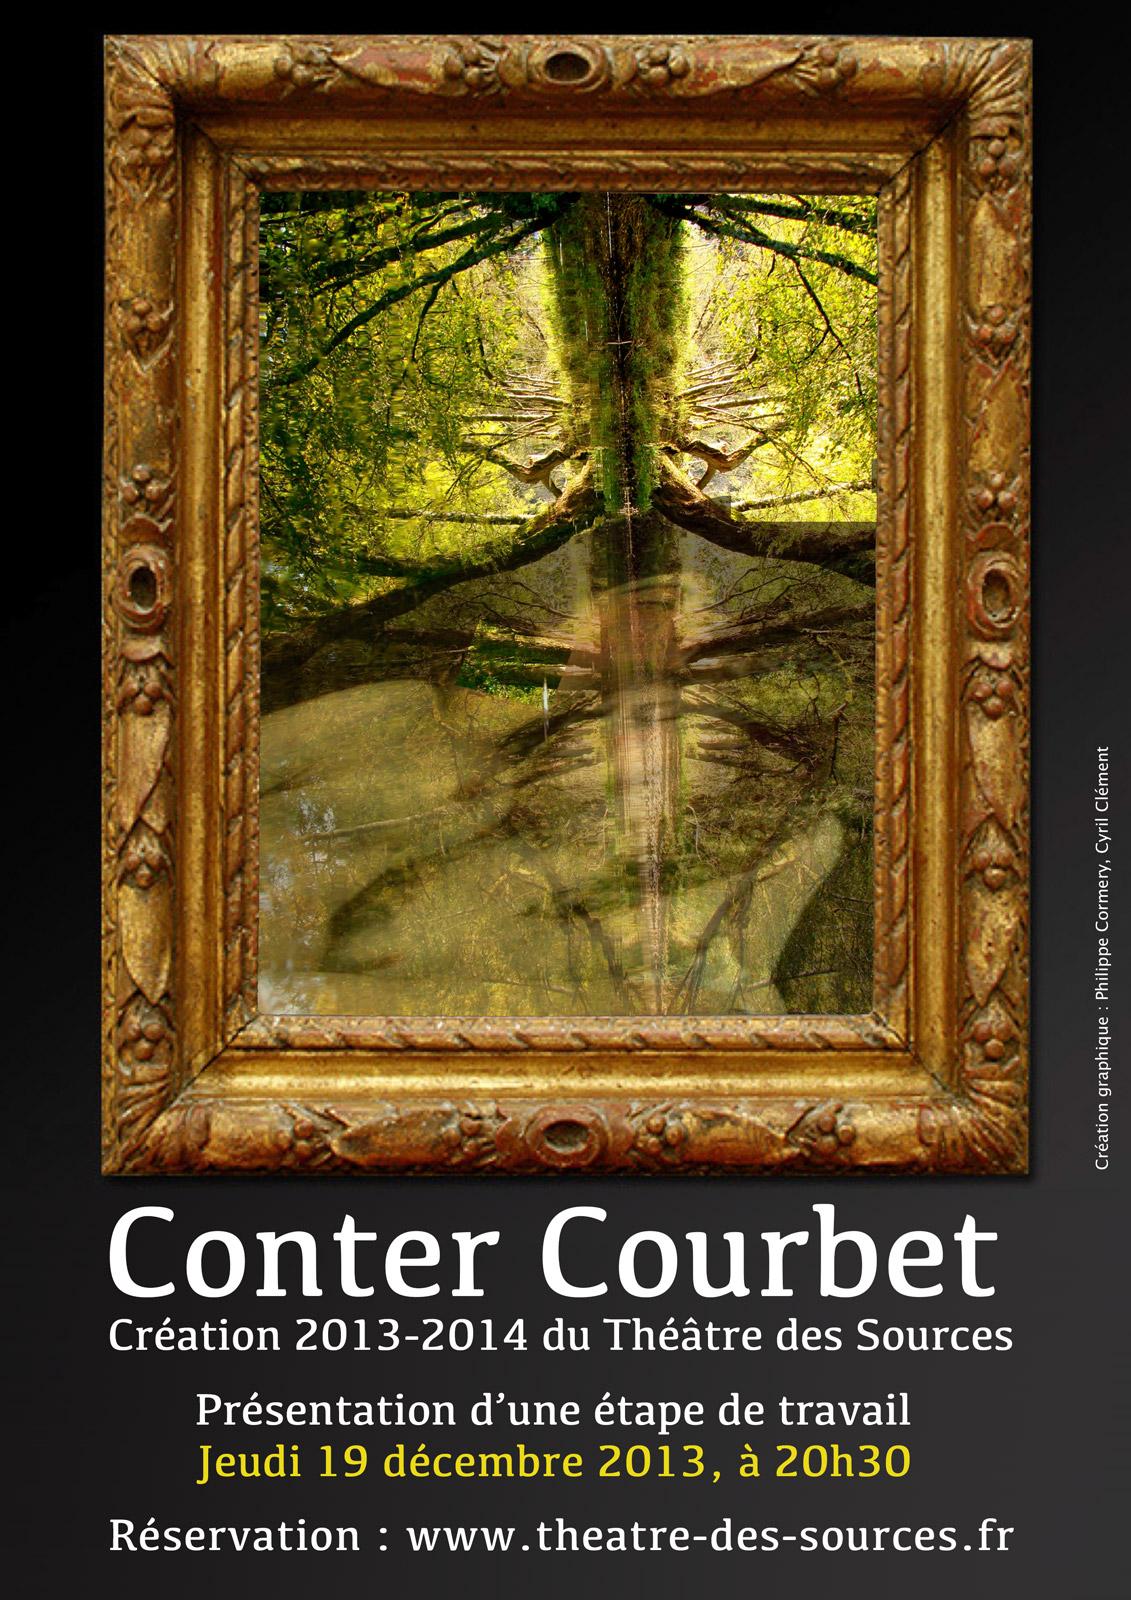 Conter Courbet